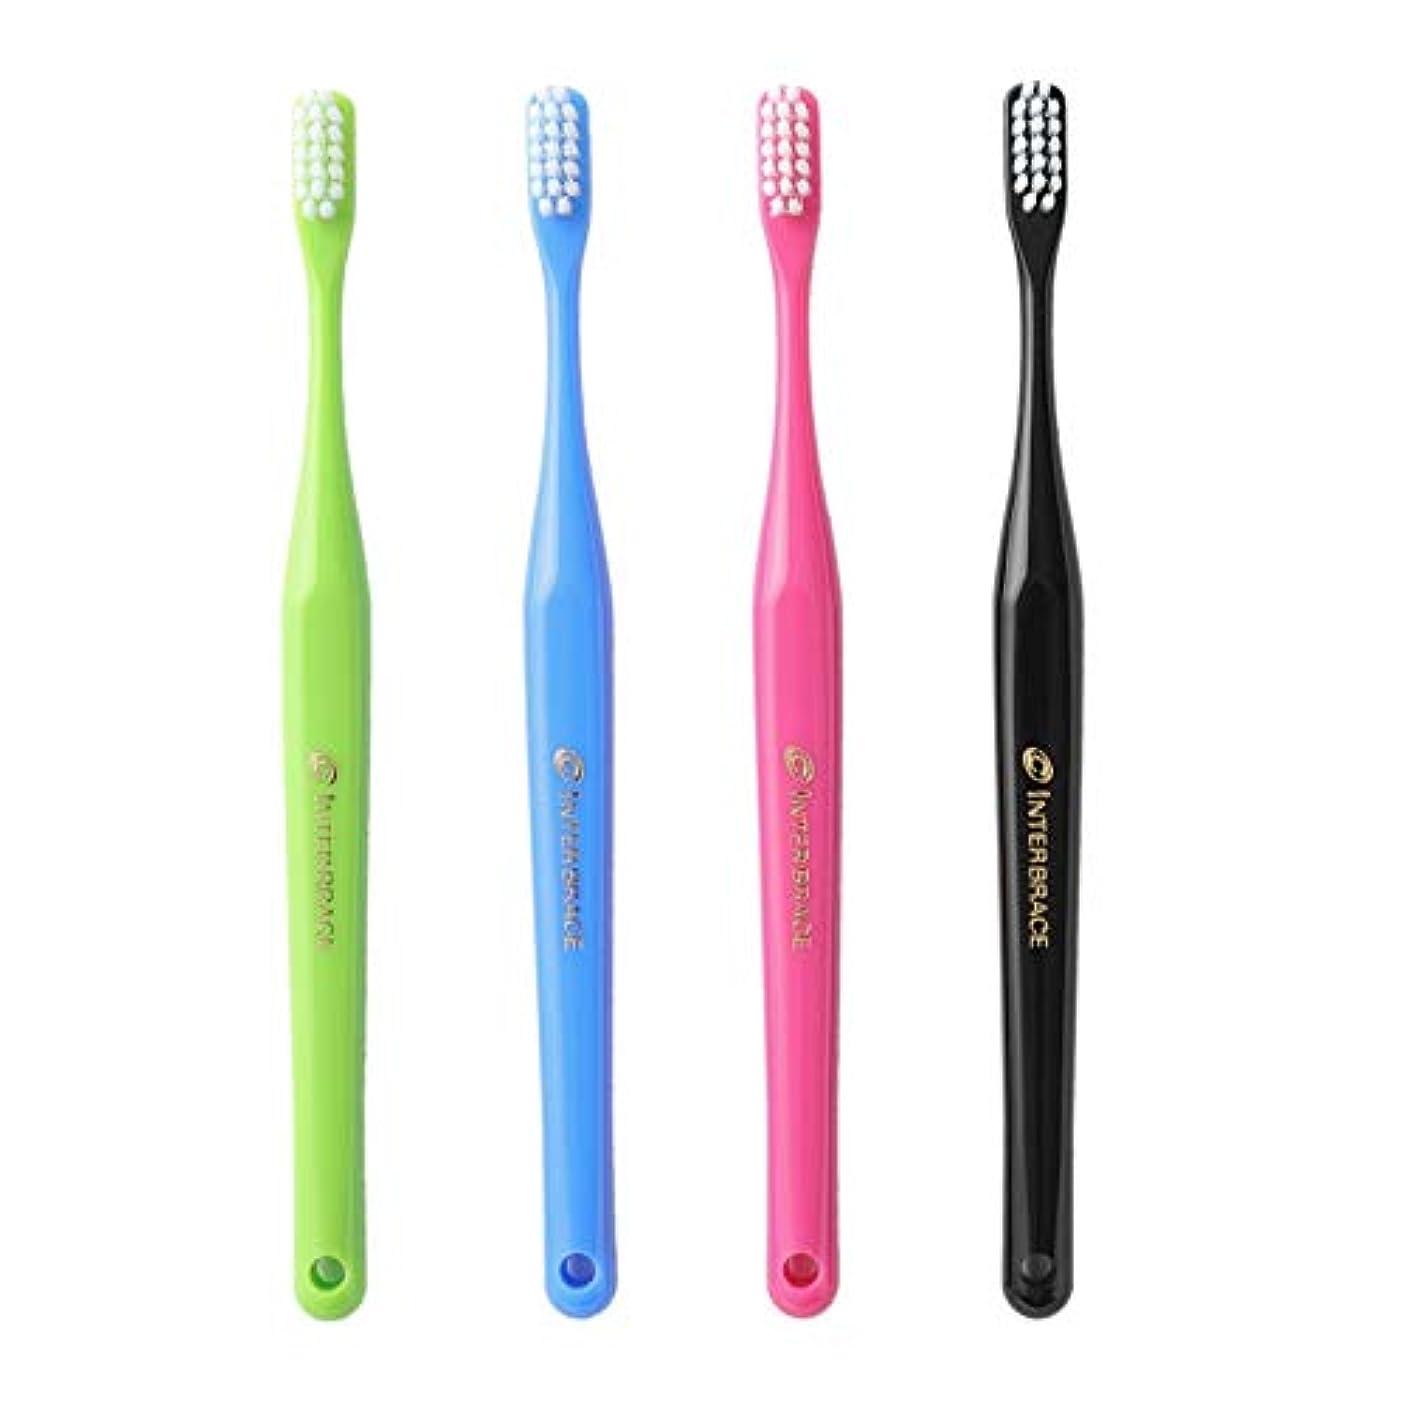 貧困仲介者残りインターブレイス インターブレイス 矯正用山型 歯ブラシ 20本セット